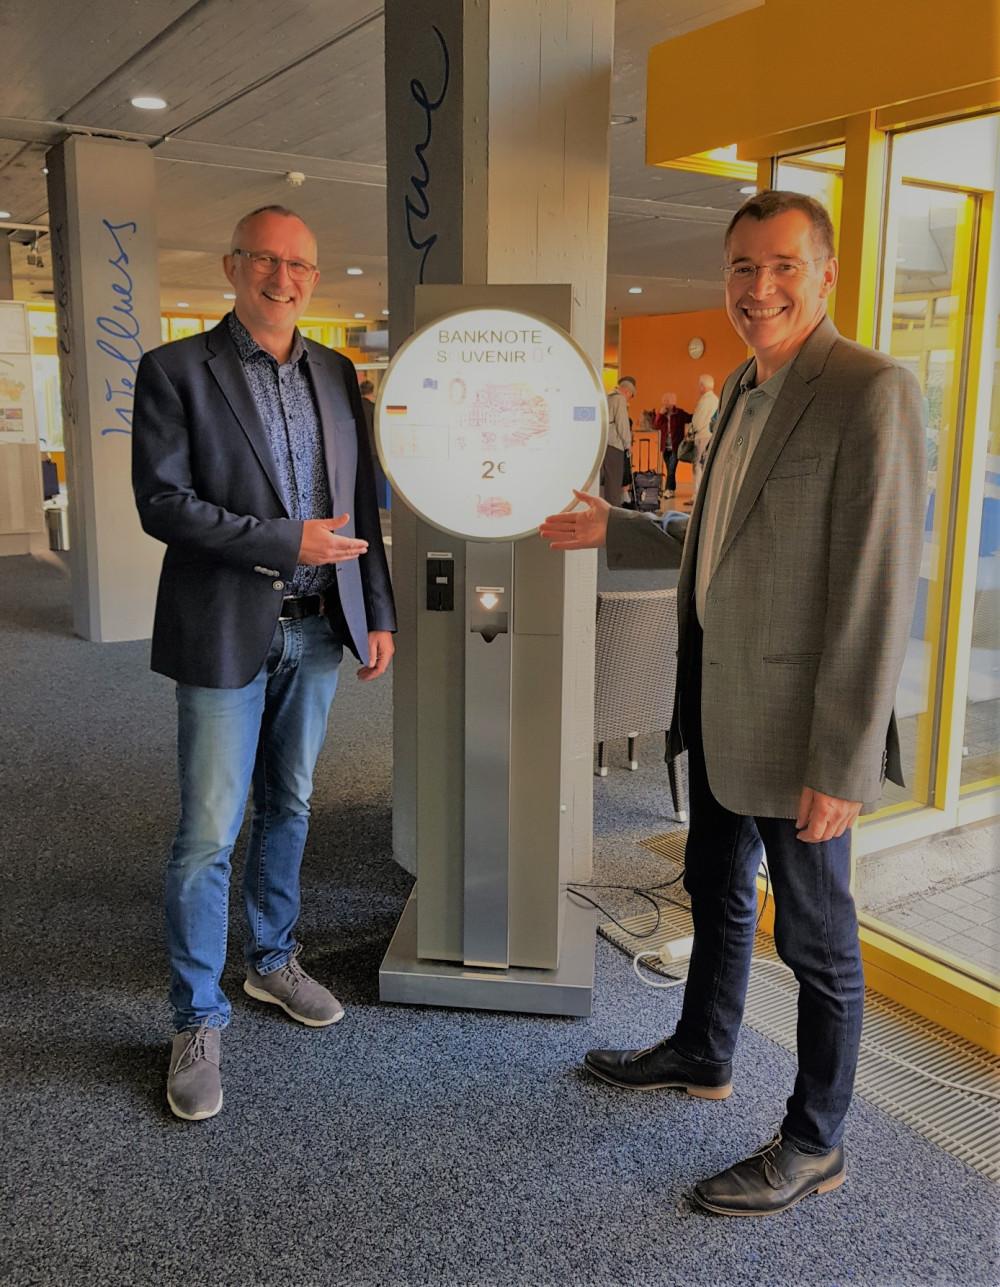 Bürgermeister Klaus Detlev Huge (rechts) und Thermarium-Geschäftsführer Markus Hoppe (links) nehmen den neuen Automaten in Betrieb